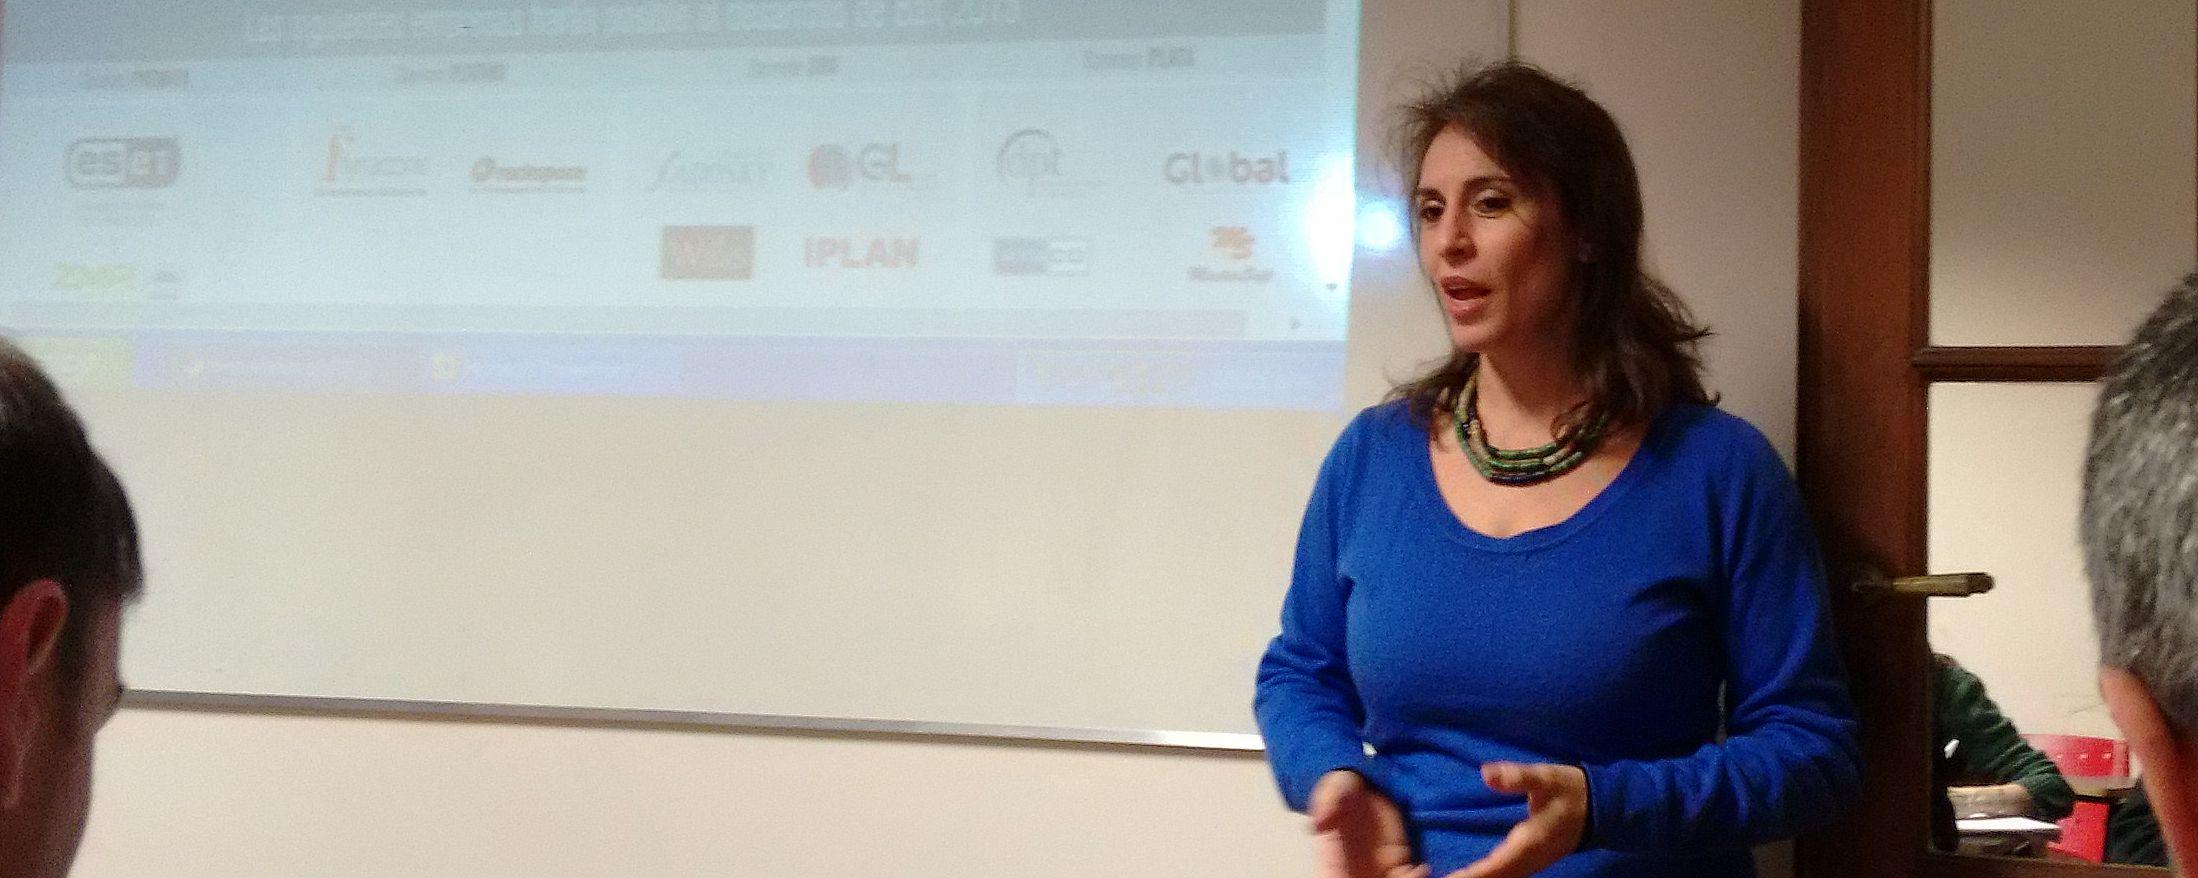 BAIT 2015: conocernos para hacer negocios